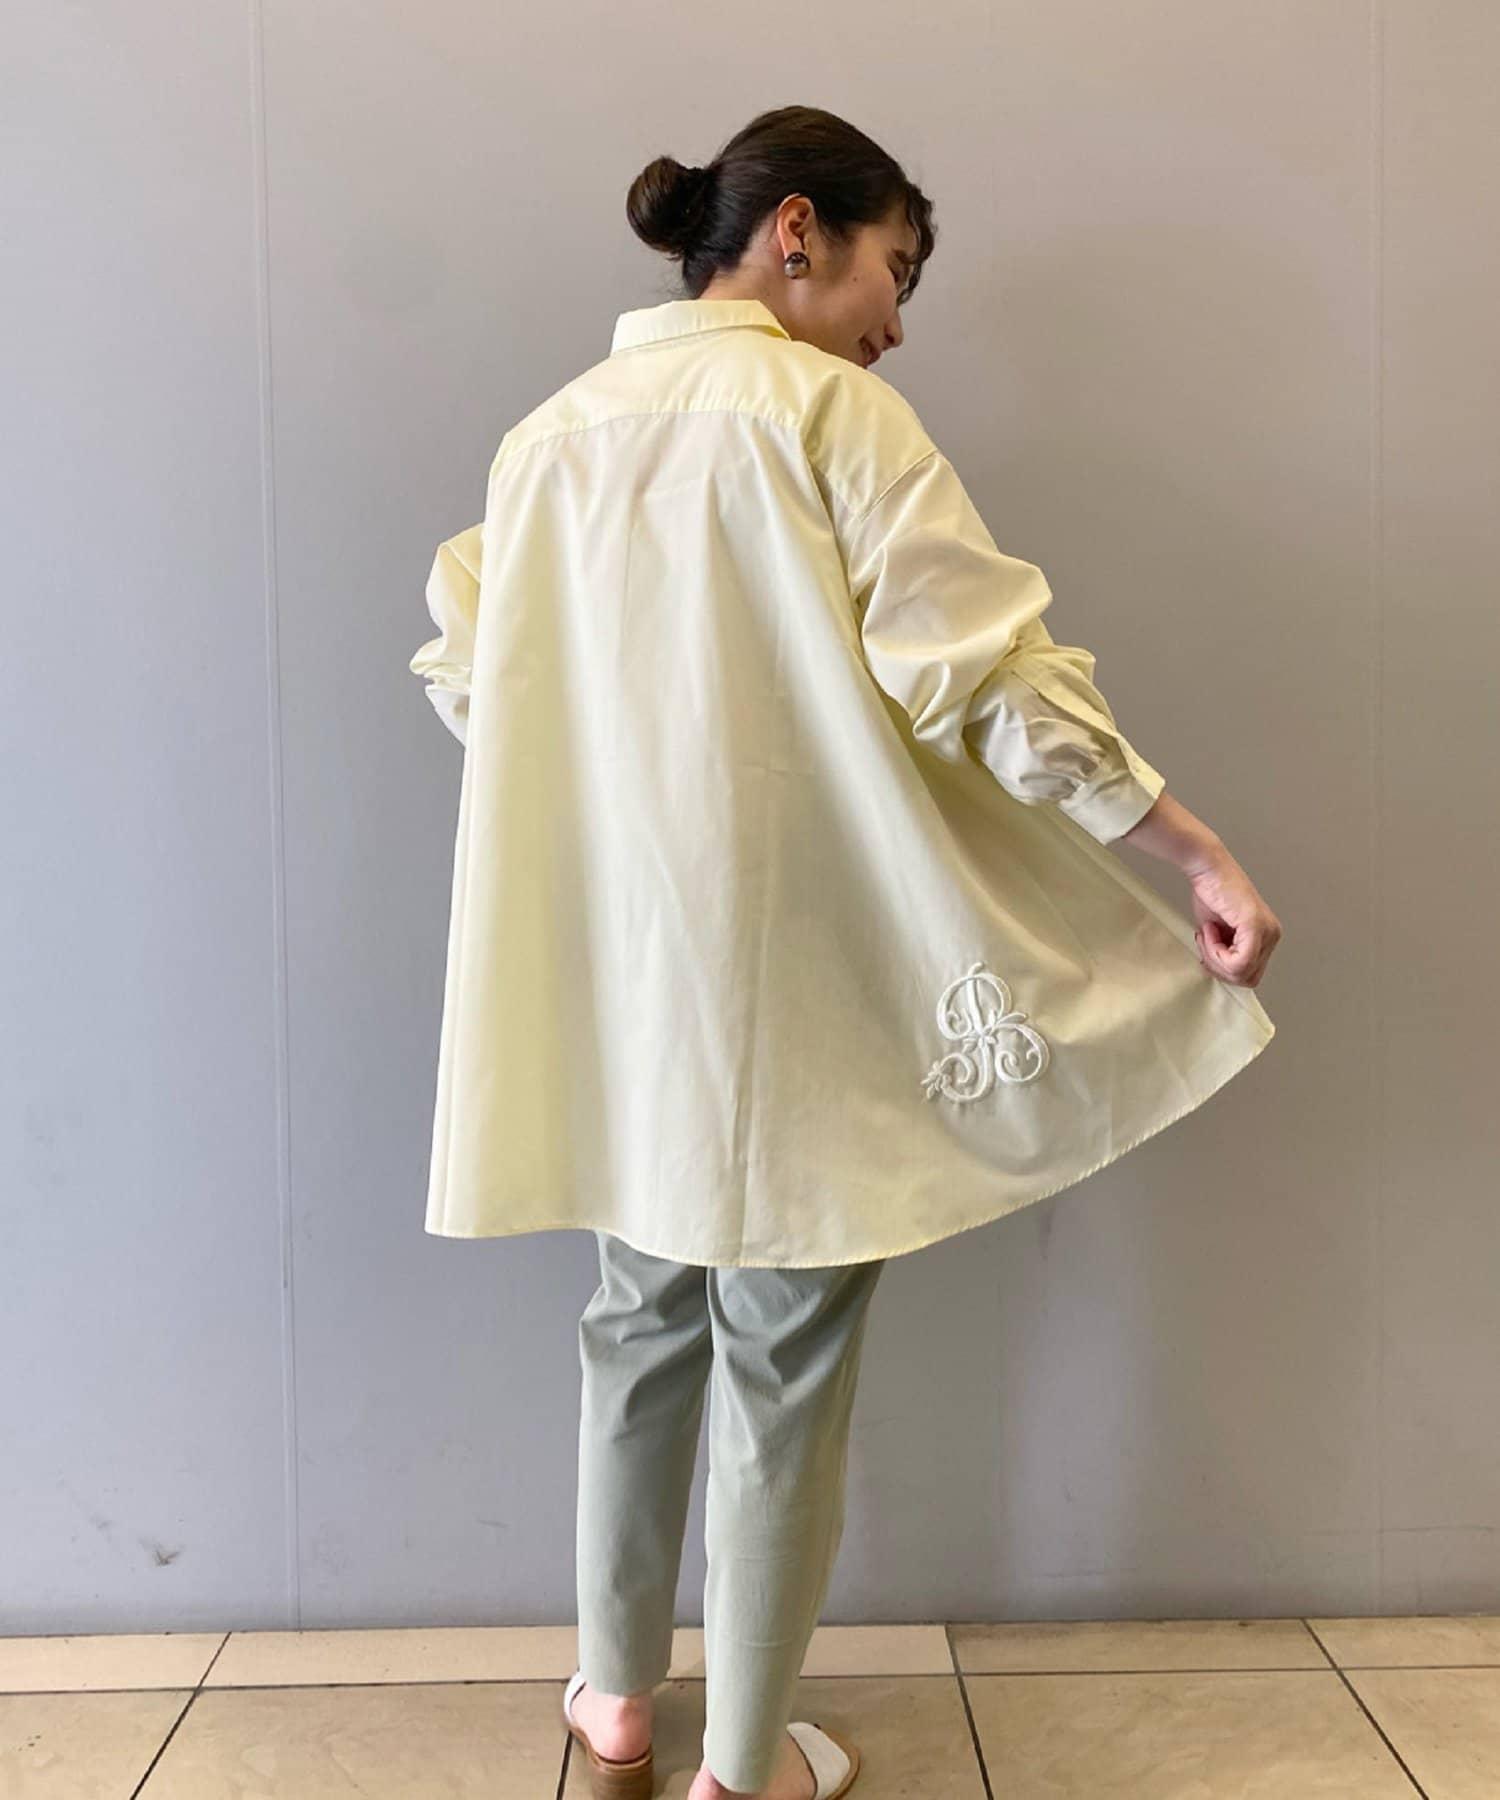 BEARDSLEY(ビアズリー) 《4/8(木)12:00 予約スタート》イニシャル刺繍シャツ